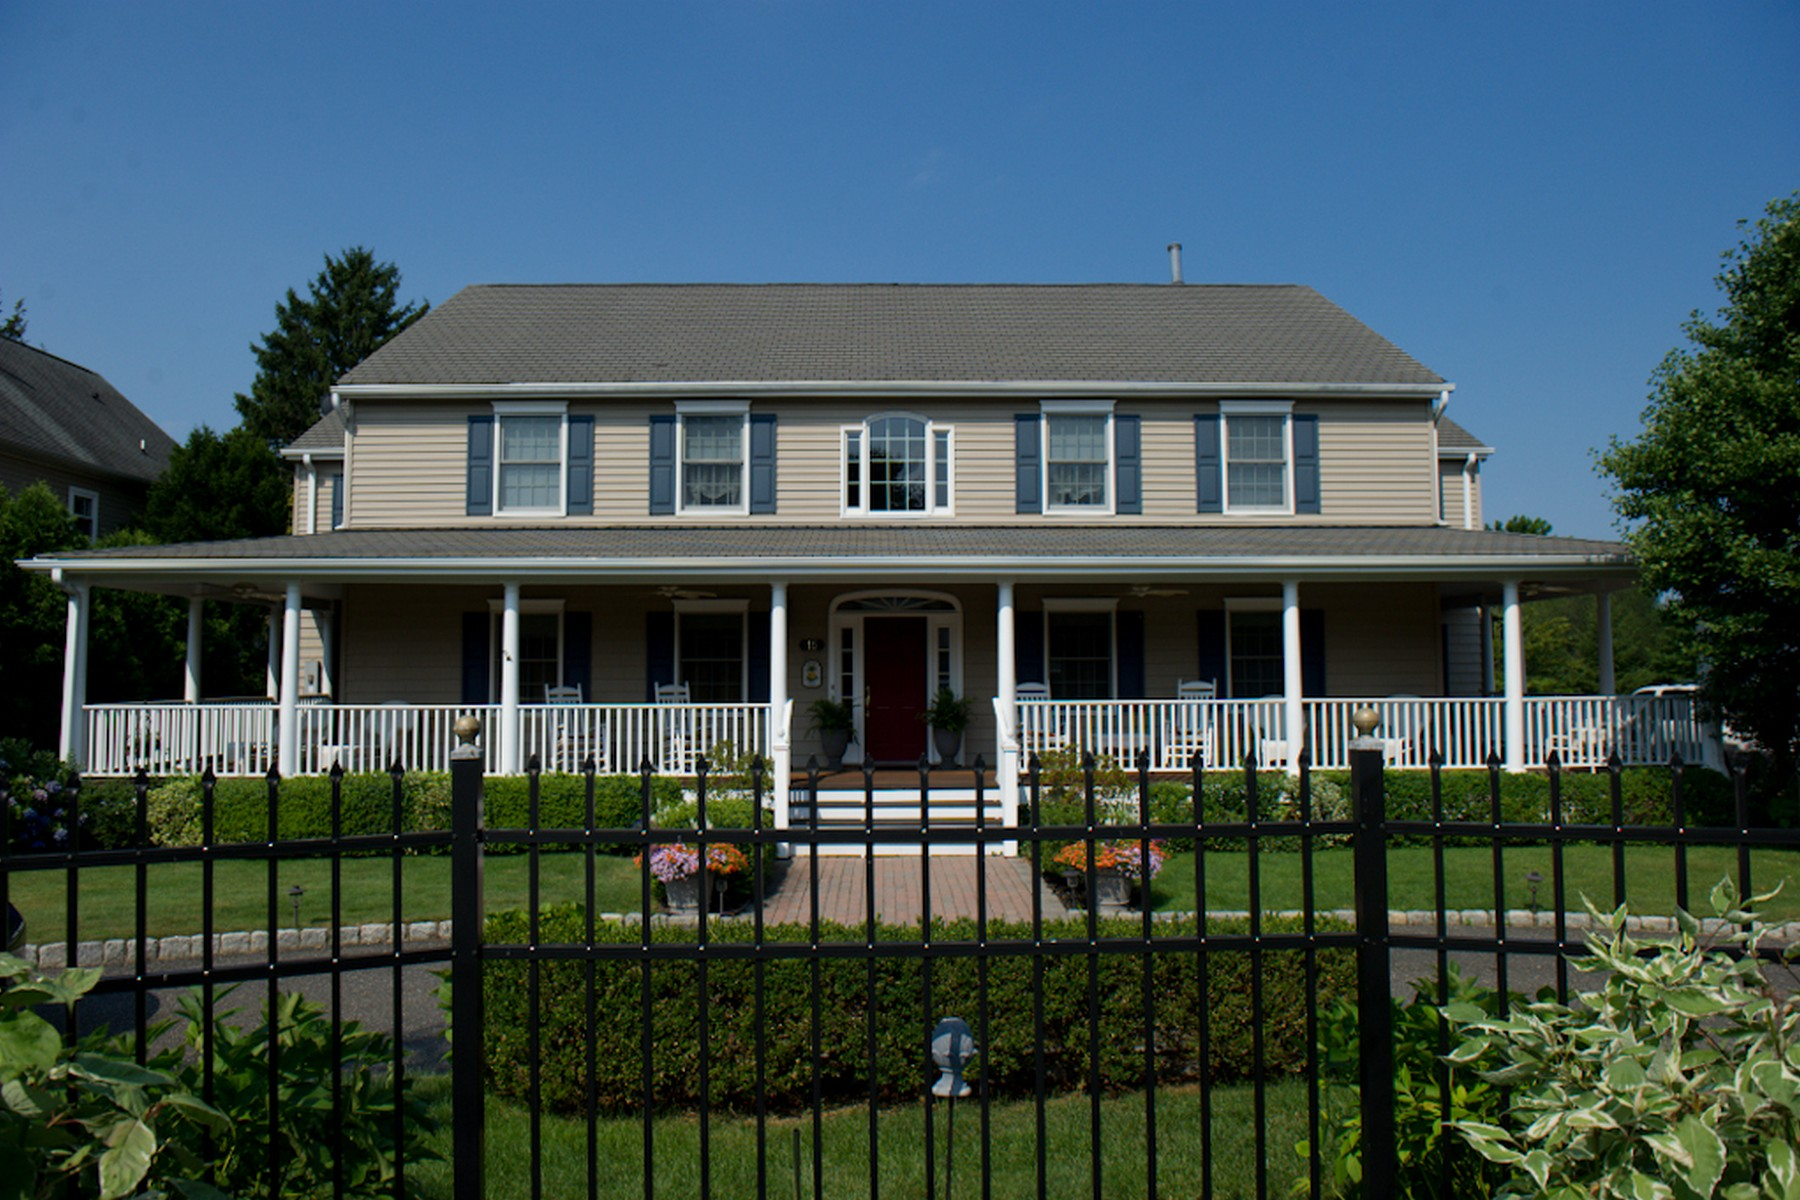 Частный односемейный дом для того Продажа на 15 Munroe Ave. West Long Branch, Нью-Джерси 07764 Соединенные Штаты